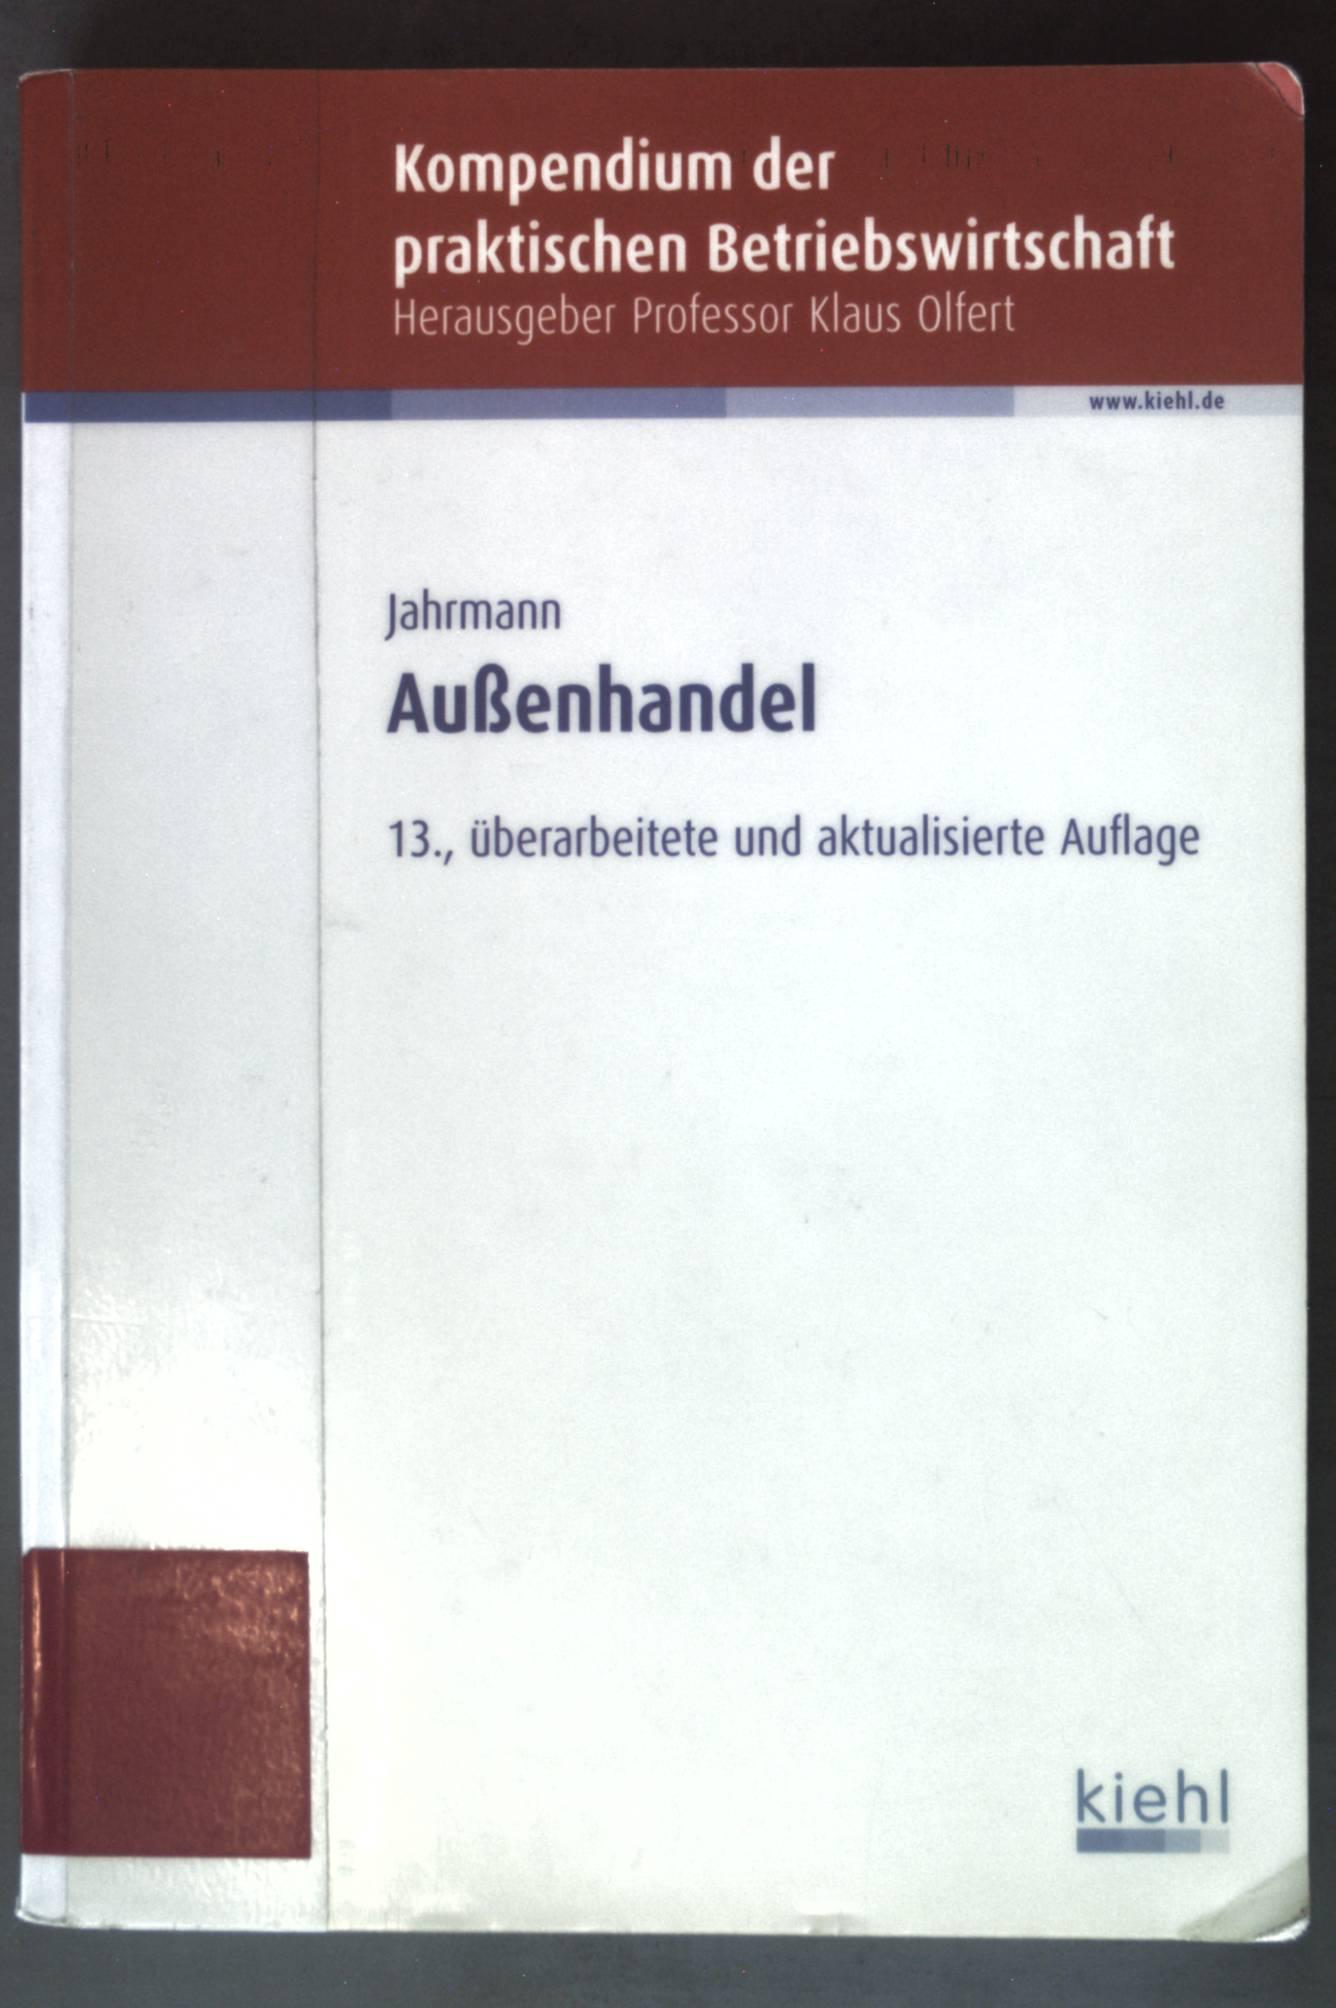 Außenhandel. Kompendium der praktischen Betriebswirtschaft - Jahrmann, Fritz-Ulrich